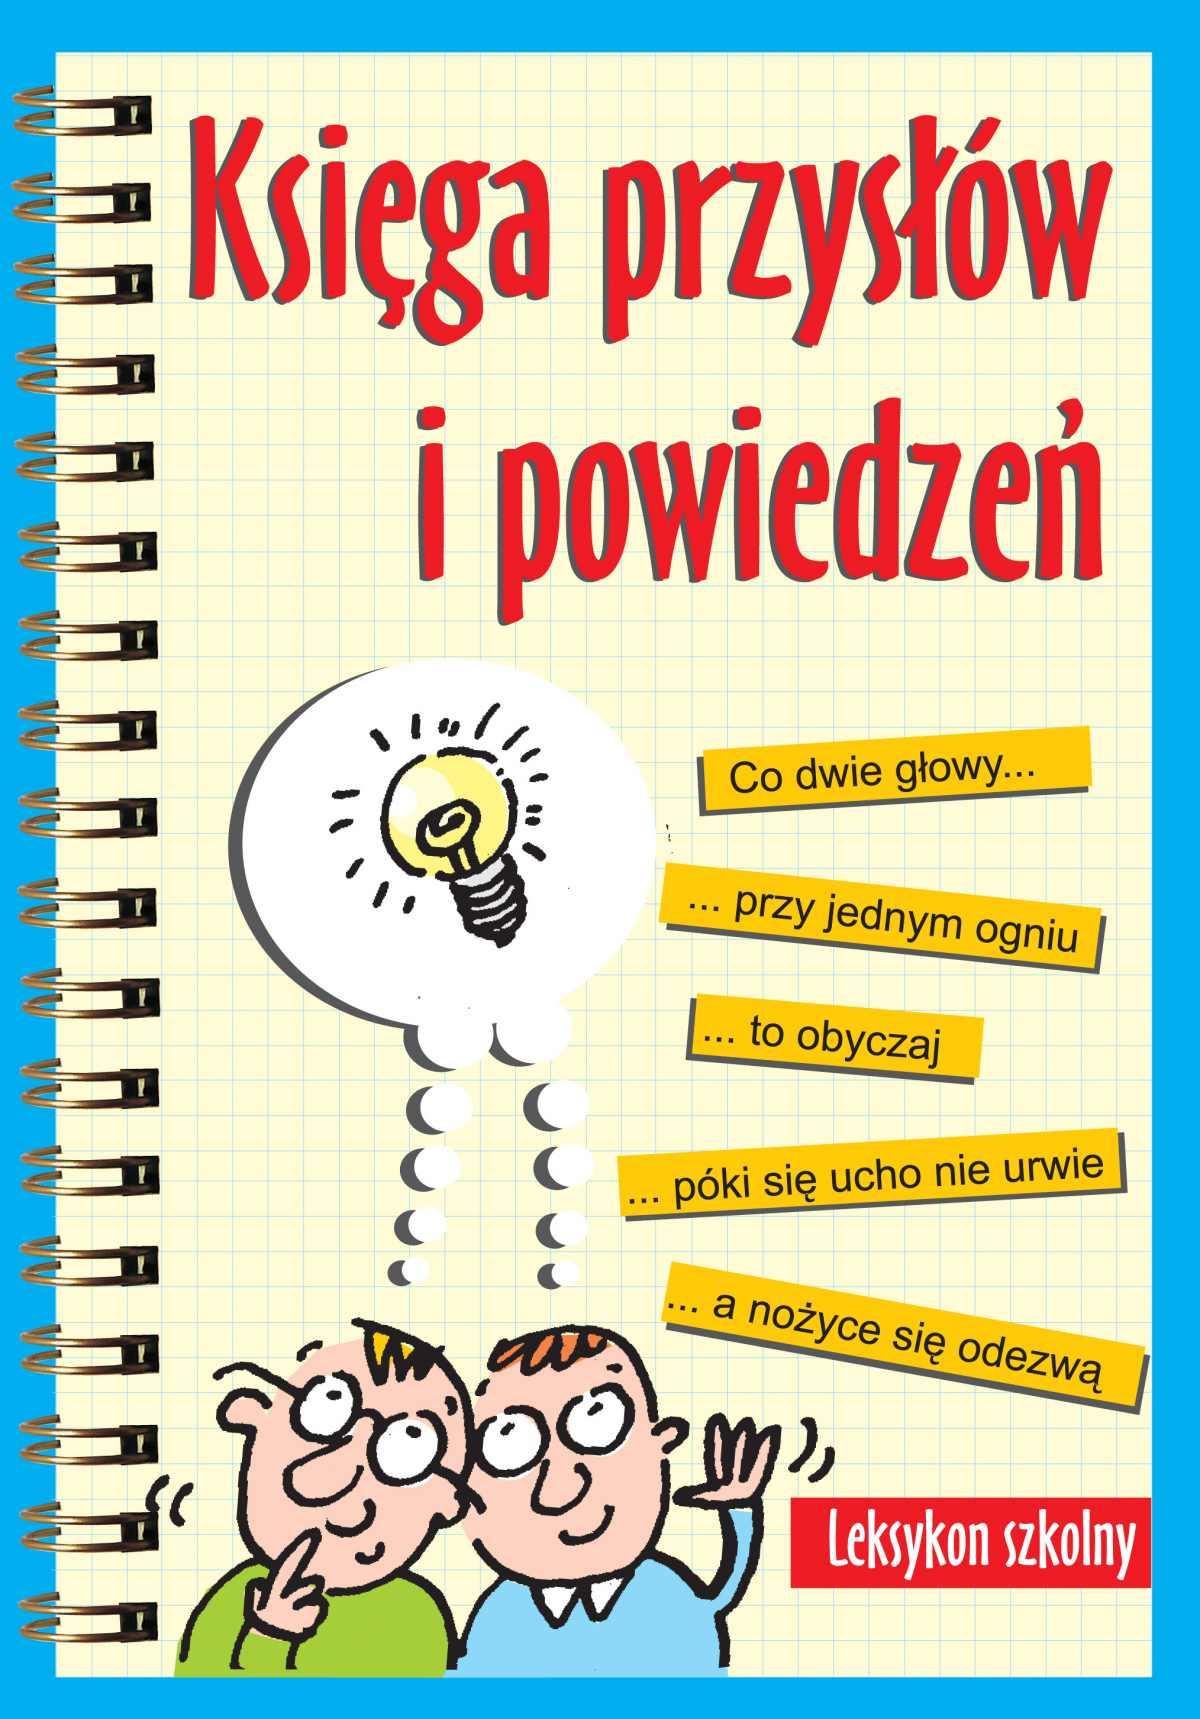 Księga przysłów i powiedzeń. Leksykon szkolny - Ebook (Książka na Kindle) do pobrania w formacie MOBI